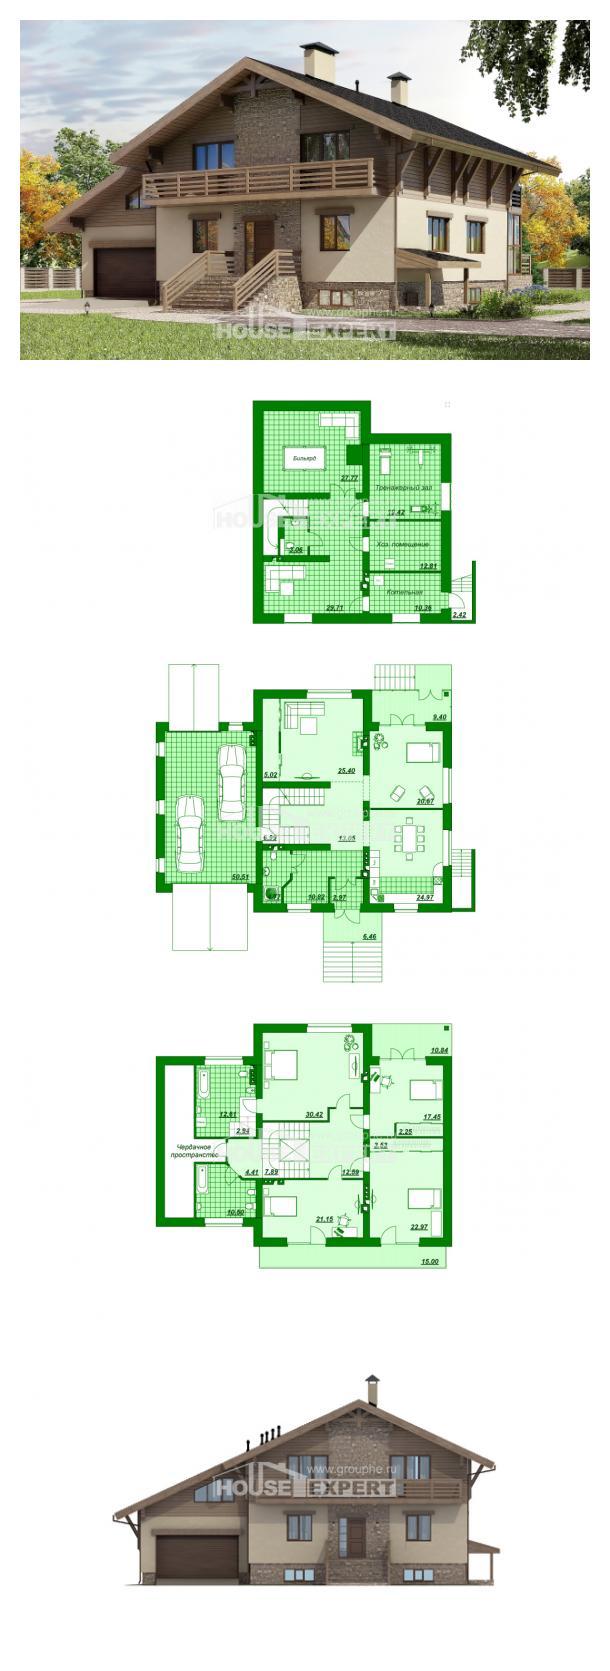 Plan 420-001-L   House Expert